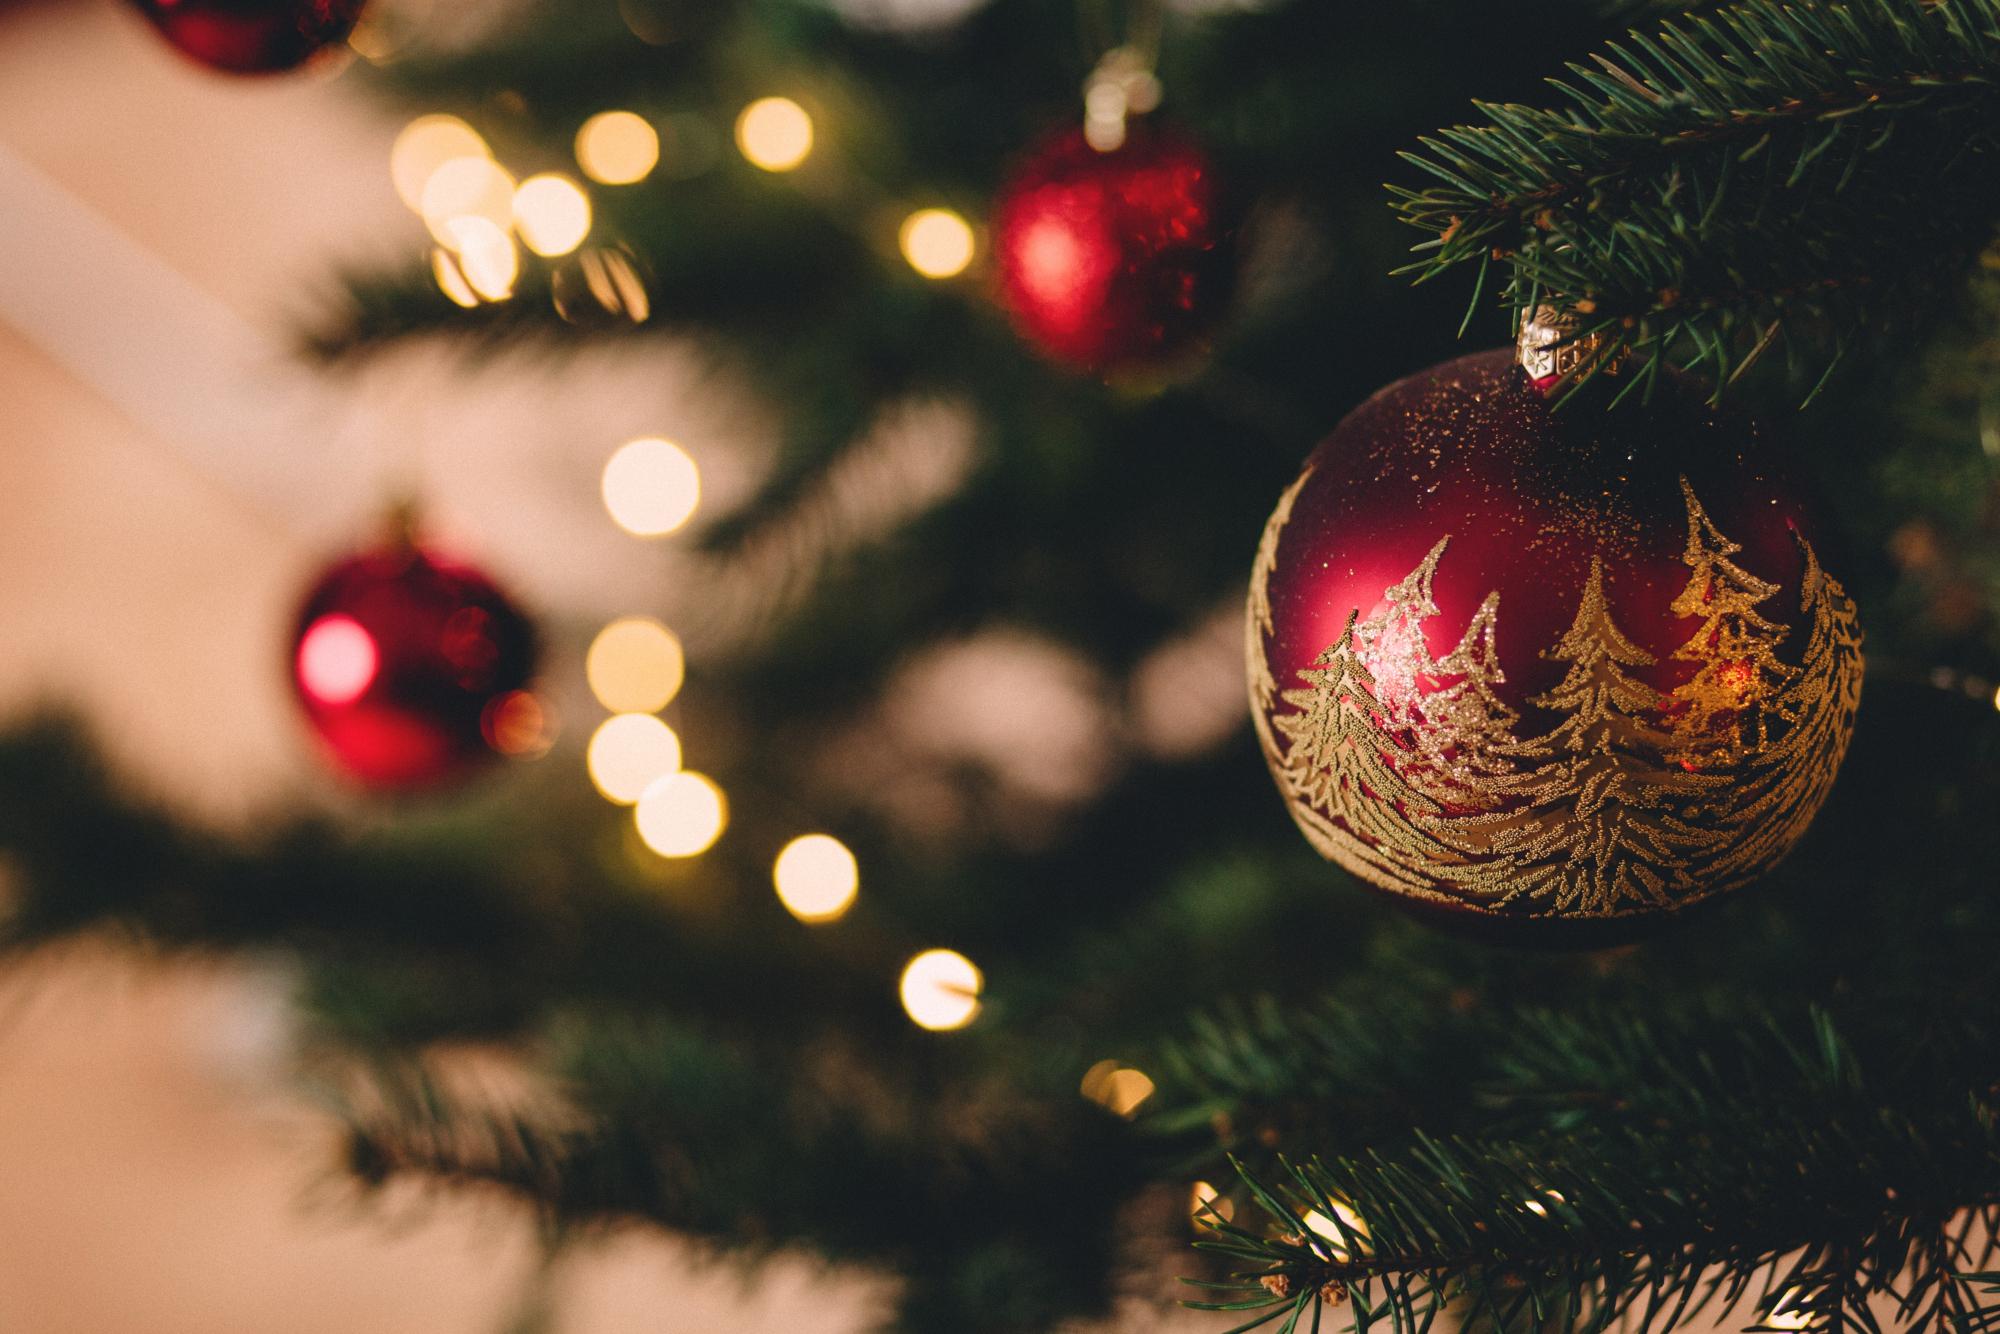 Freestocks org Weihnachten unsplash